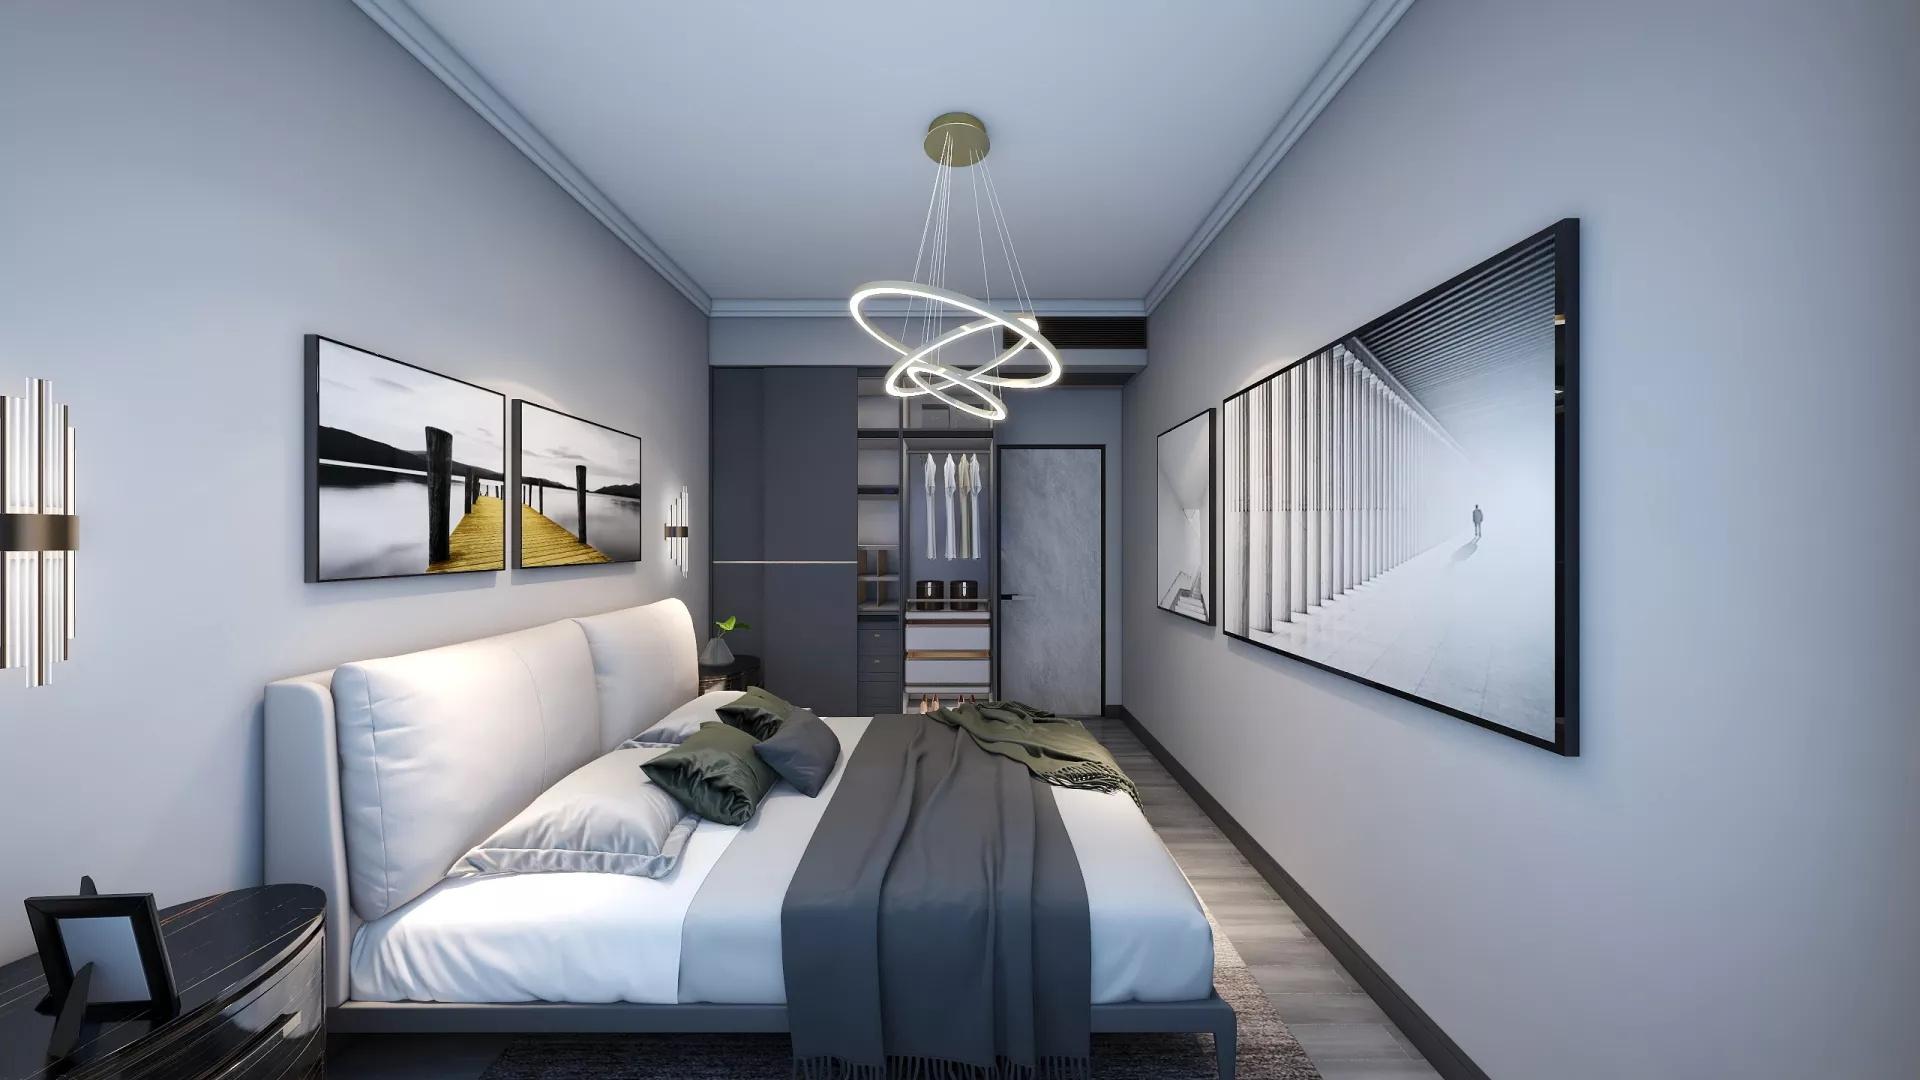 复式简约风格家居装修设计效果图